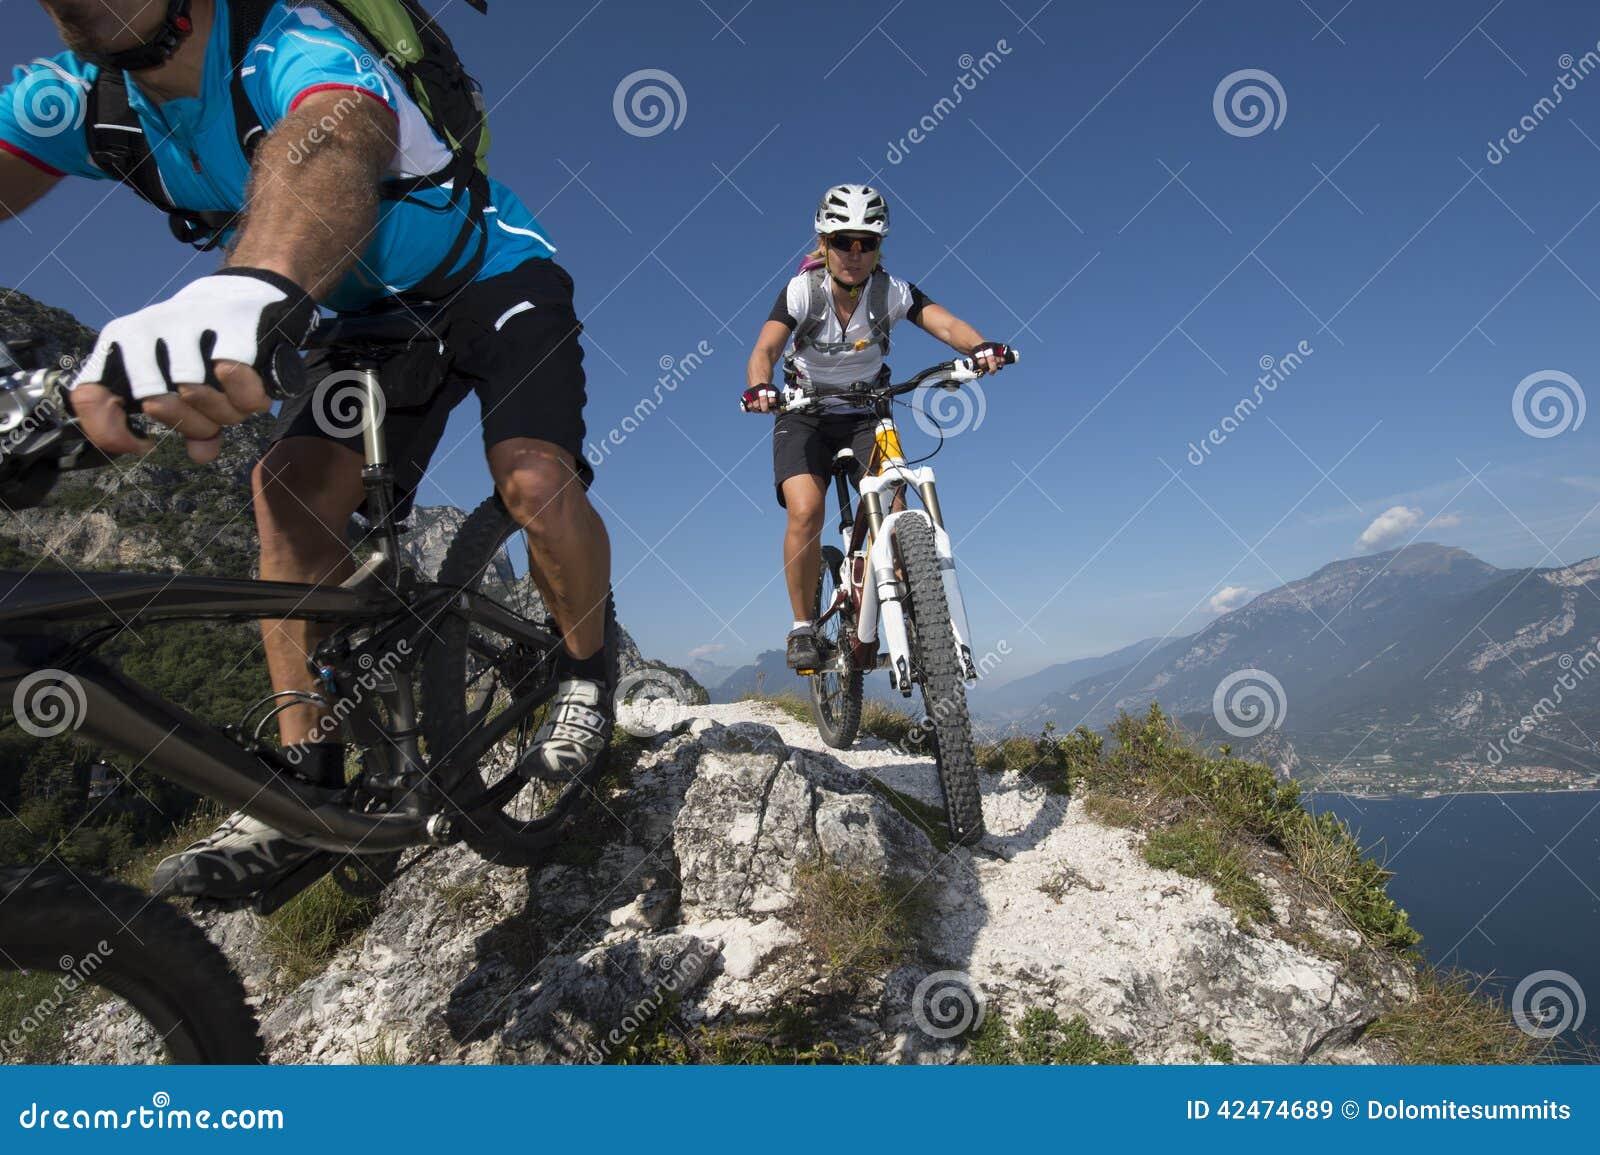 Mountainbiking - Mountainbike